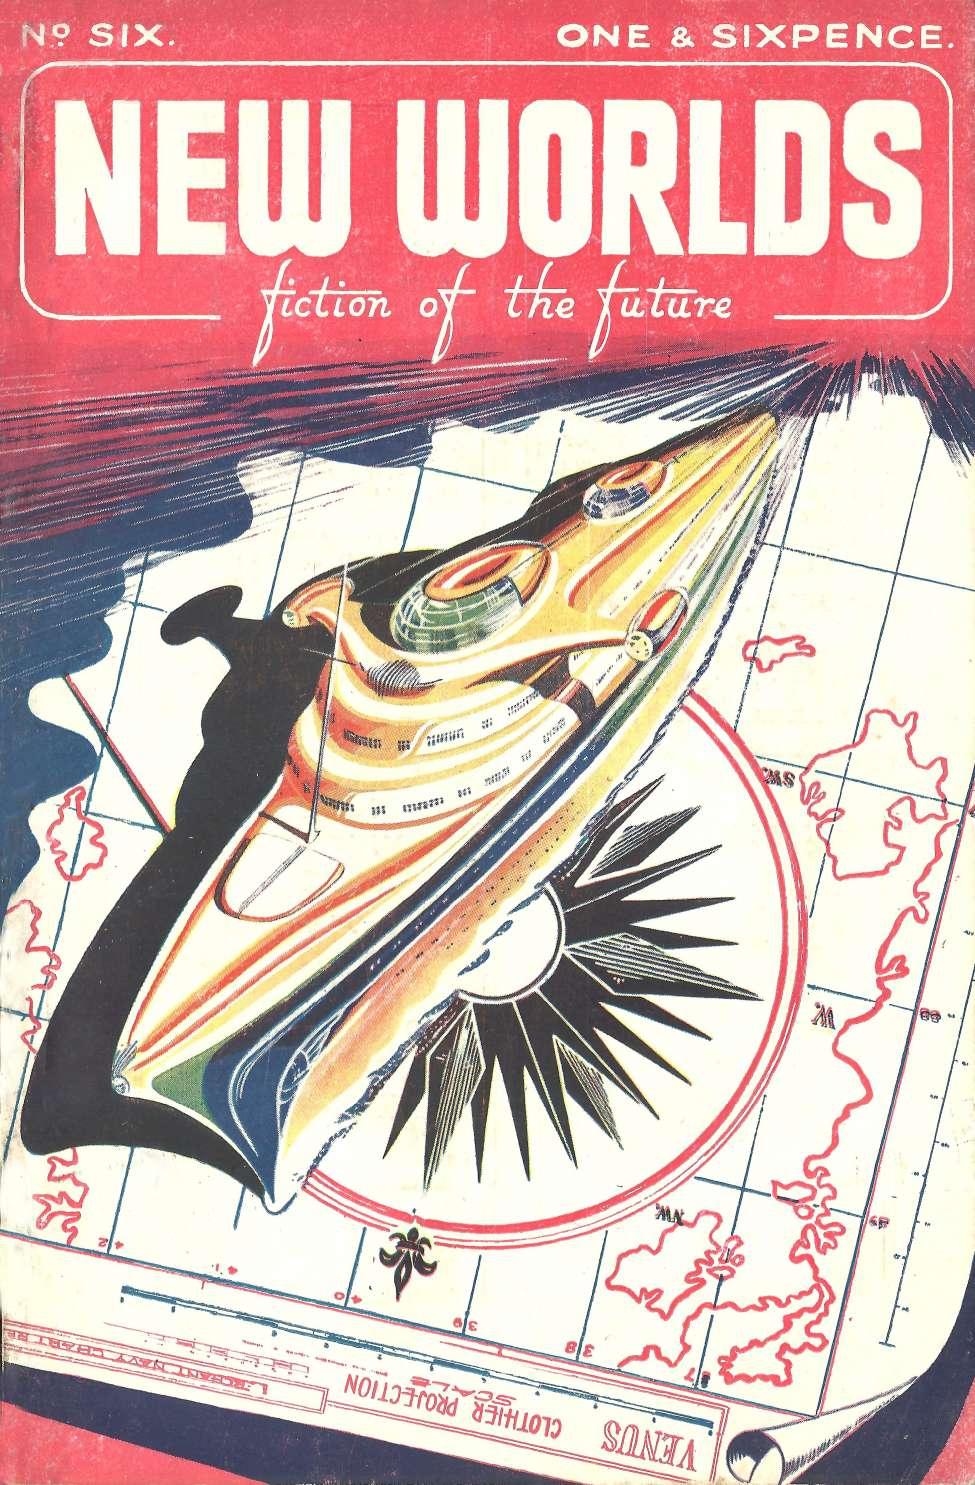 Comic Book Cover For New Worlds v02 006 - Phoenix Nest - John Aiken